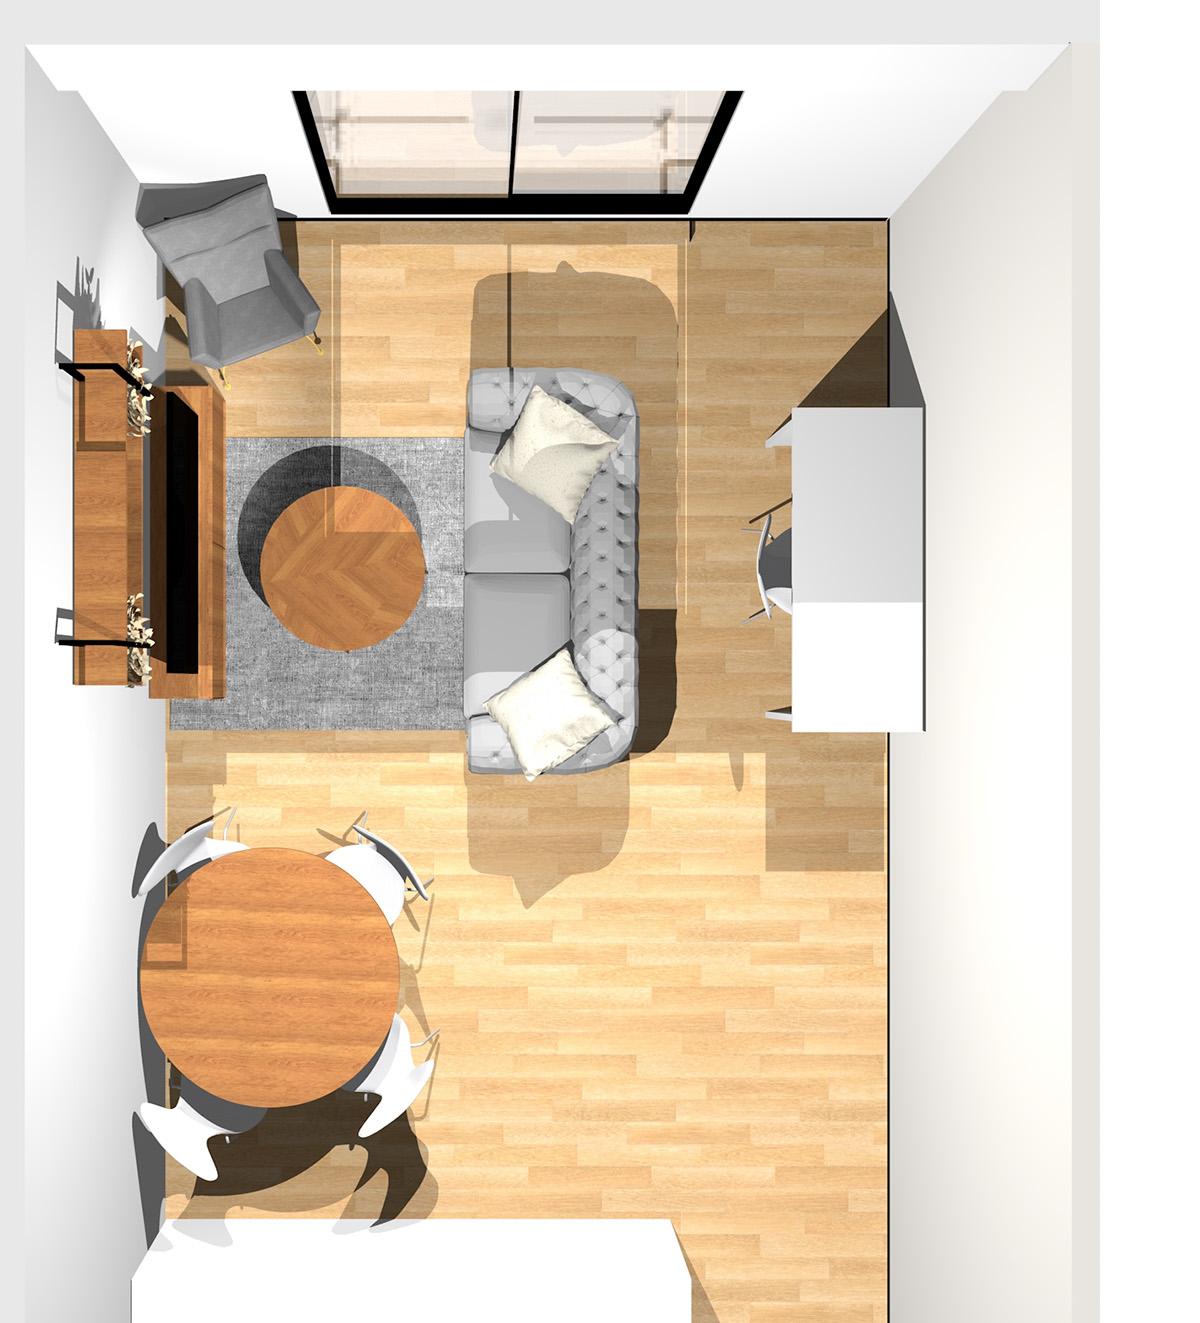 ホワイトを基調にした開放感のあるリビングダイニング(壁付けI型キッチン)のパース